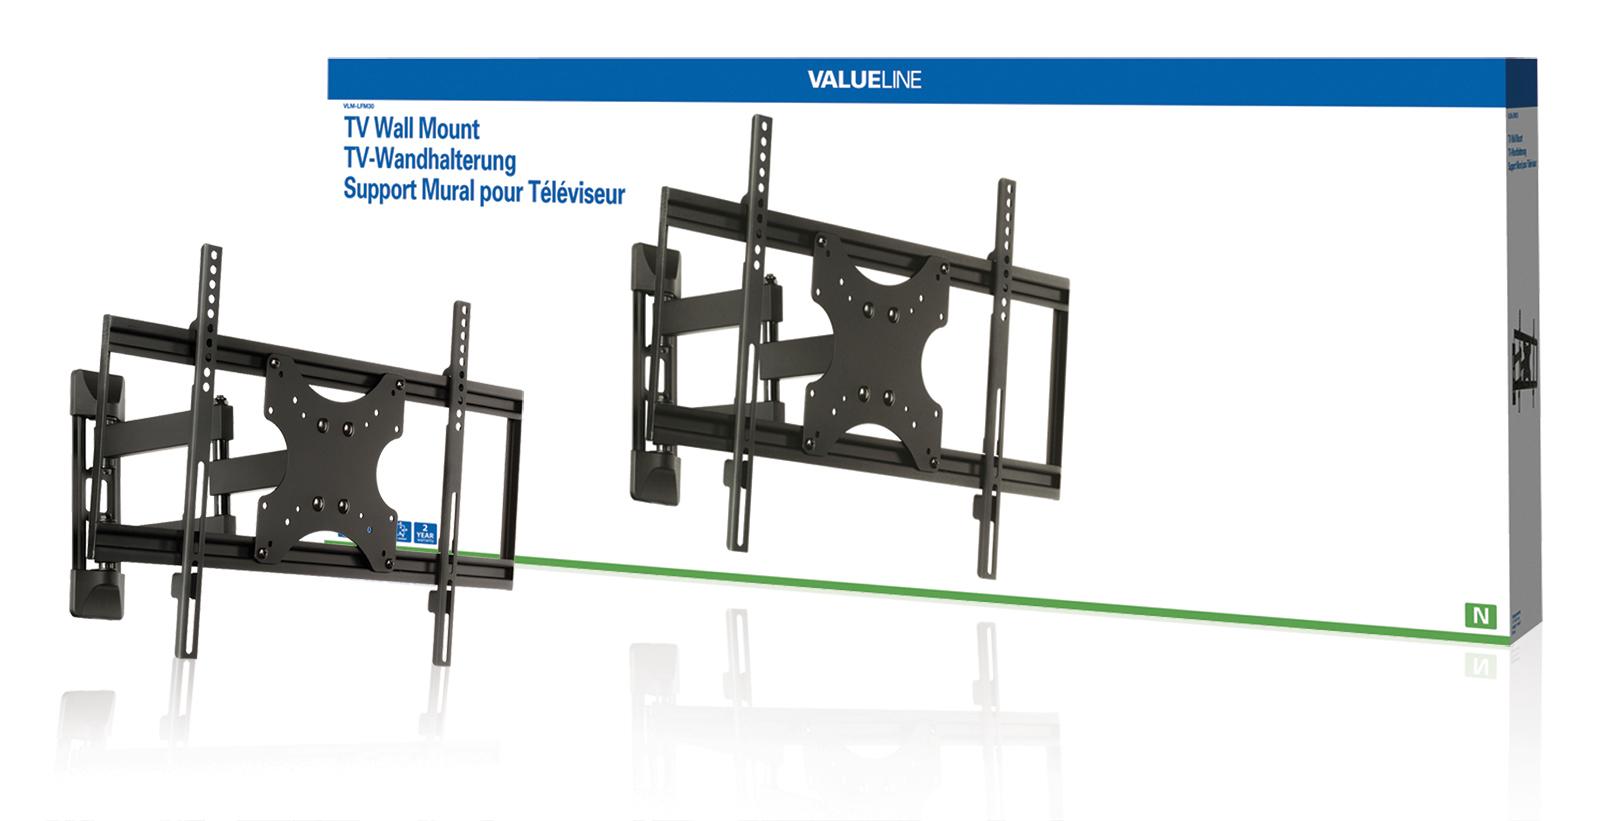 Valueline Nástěnný držák televizoru, full motion, 42-65'' / 107-165 cm, 50 kg